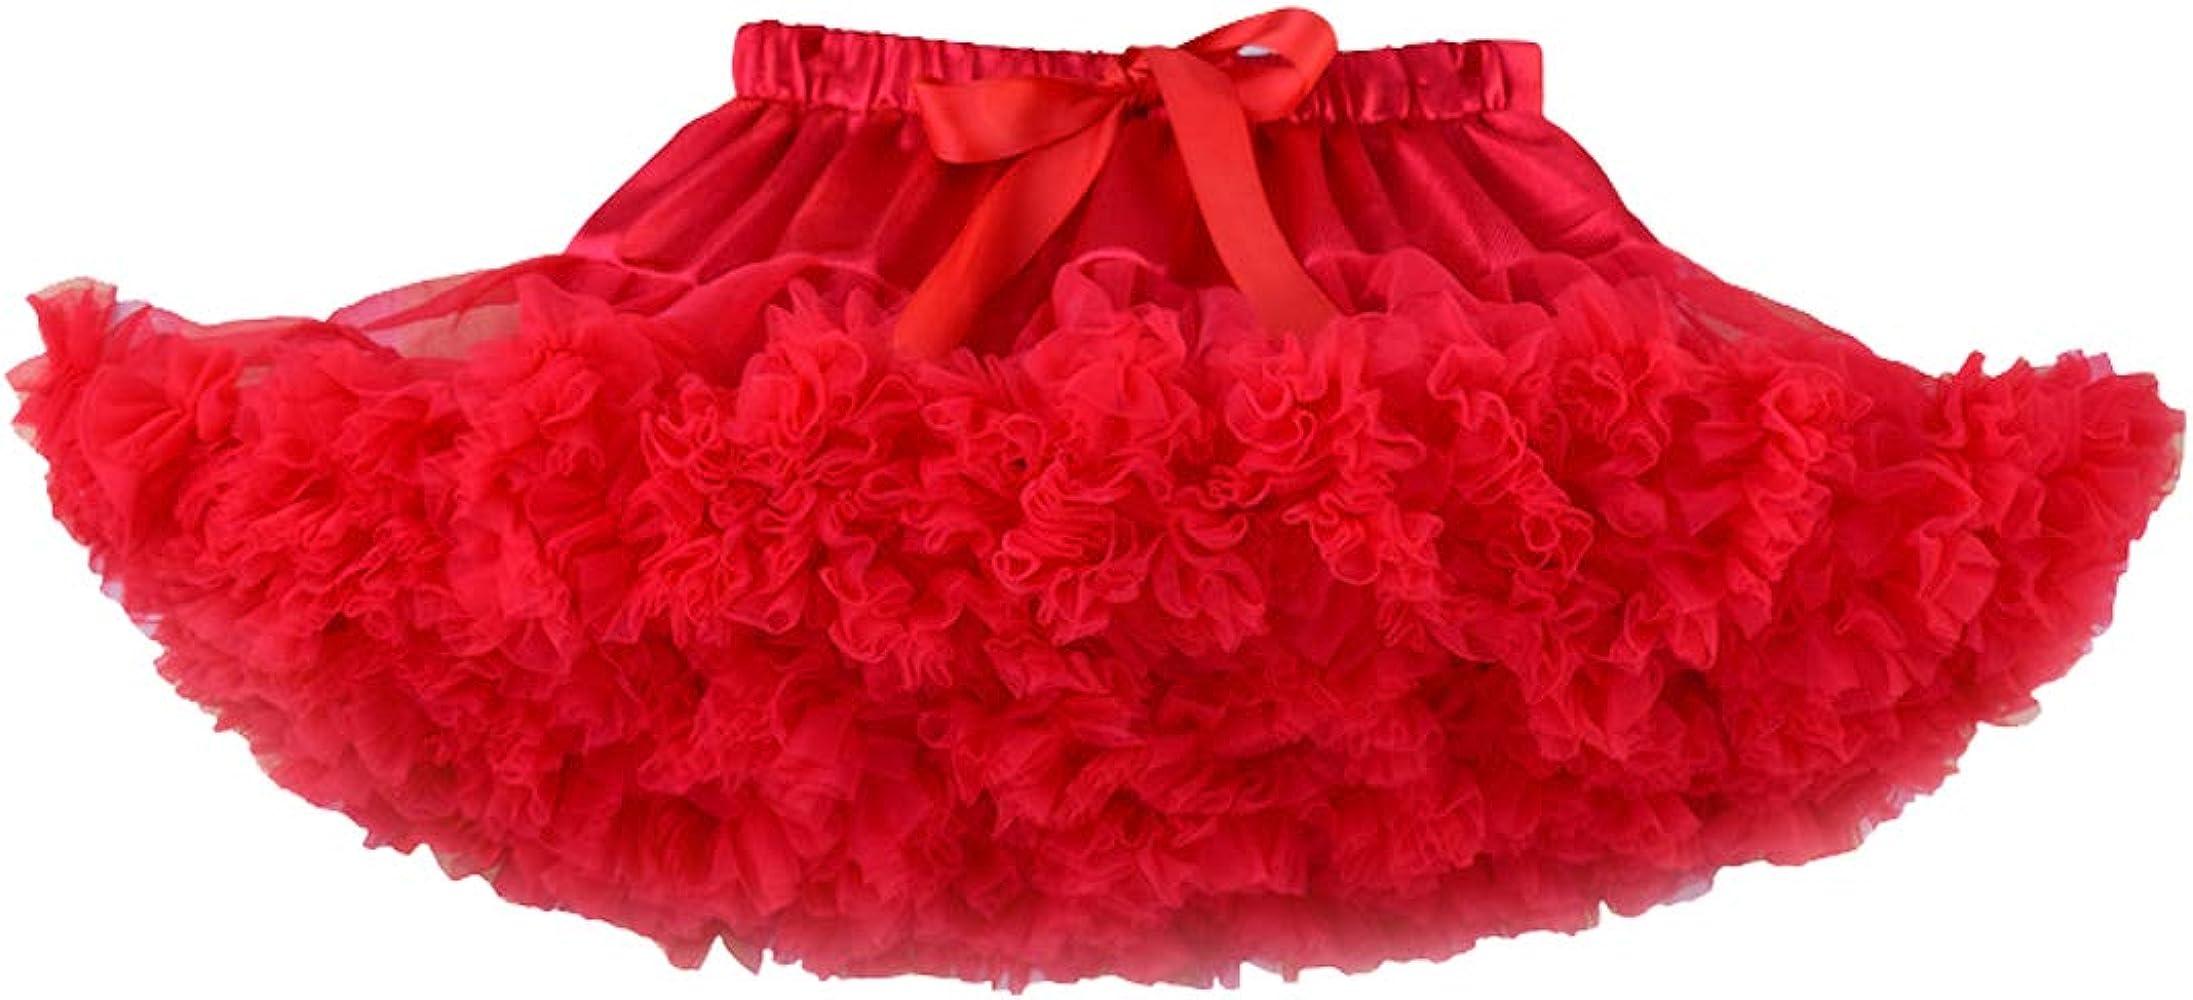 DoGeek Tutu Falda de Capas de Volantes Falda de Tul de Petticoat ...